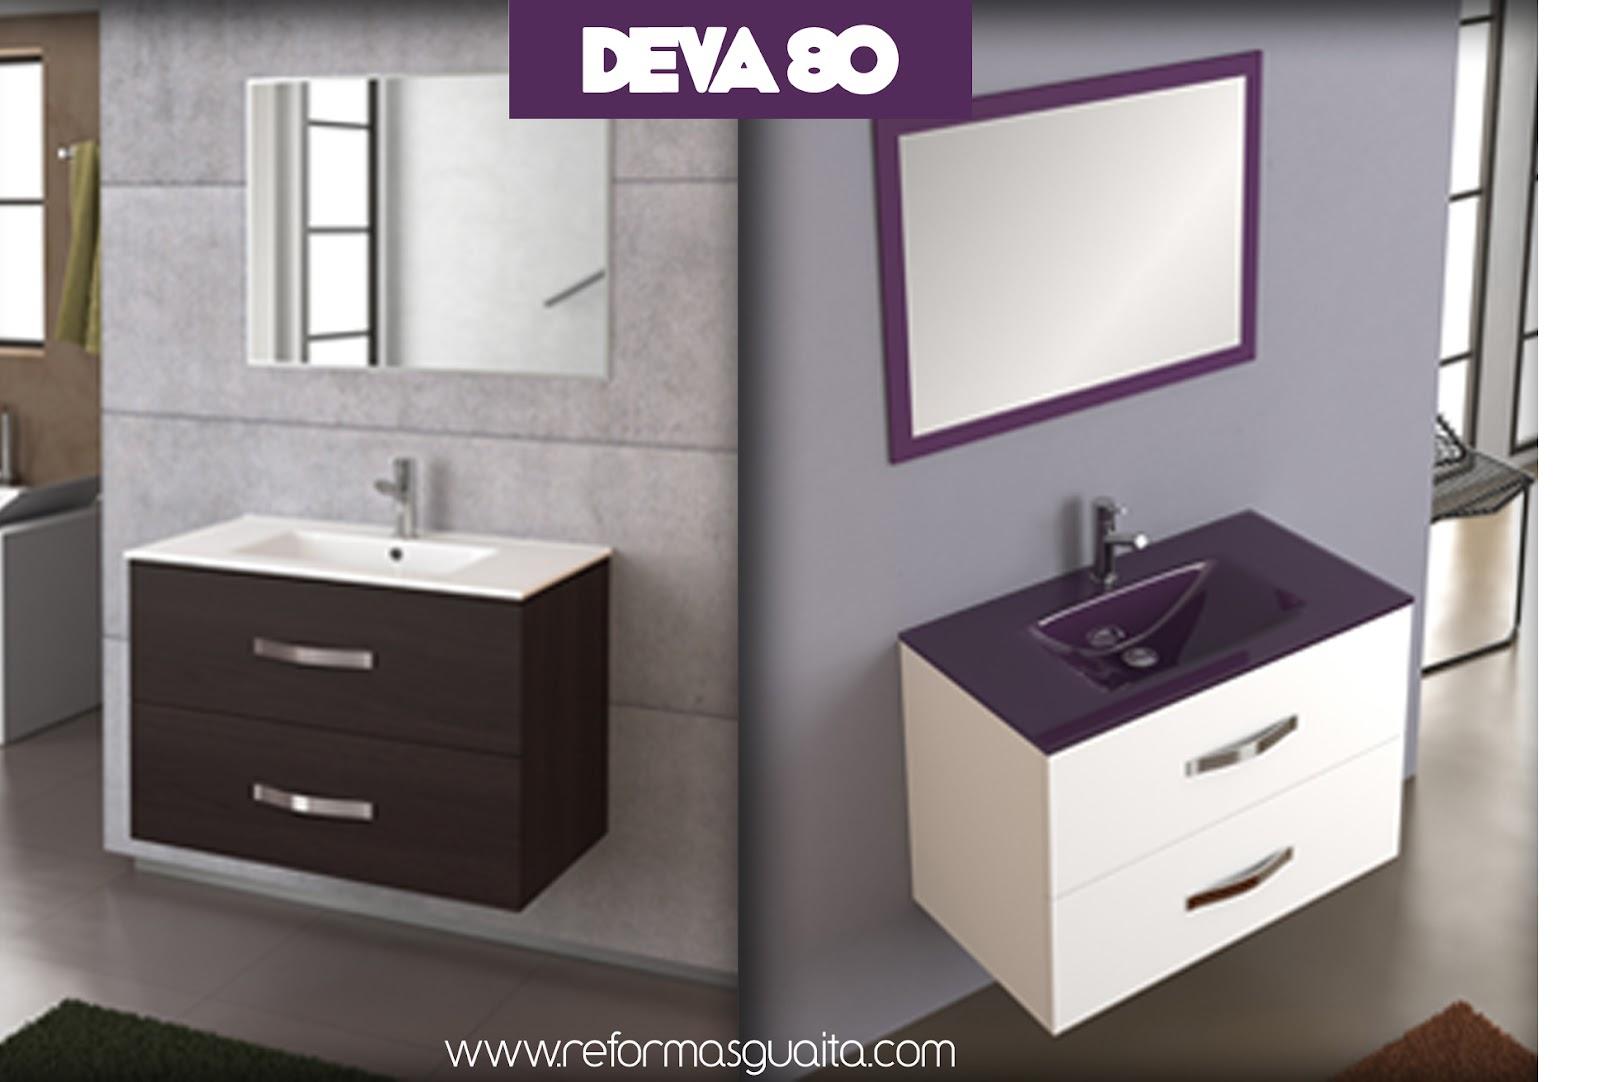 Mueble DEVA 70 o 80, la mejor opción para el baño ~ Reformas Guaita